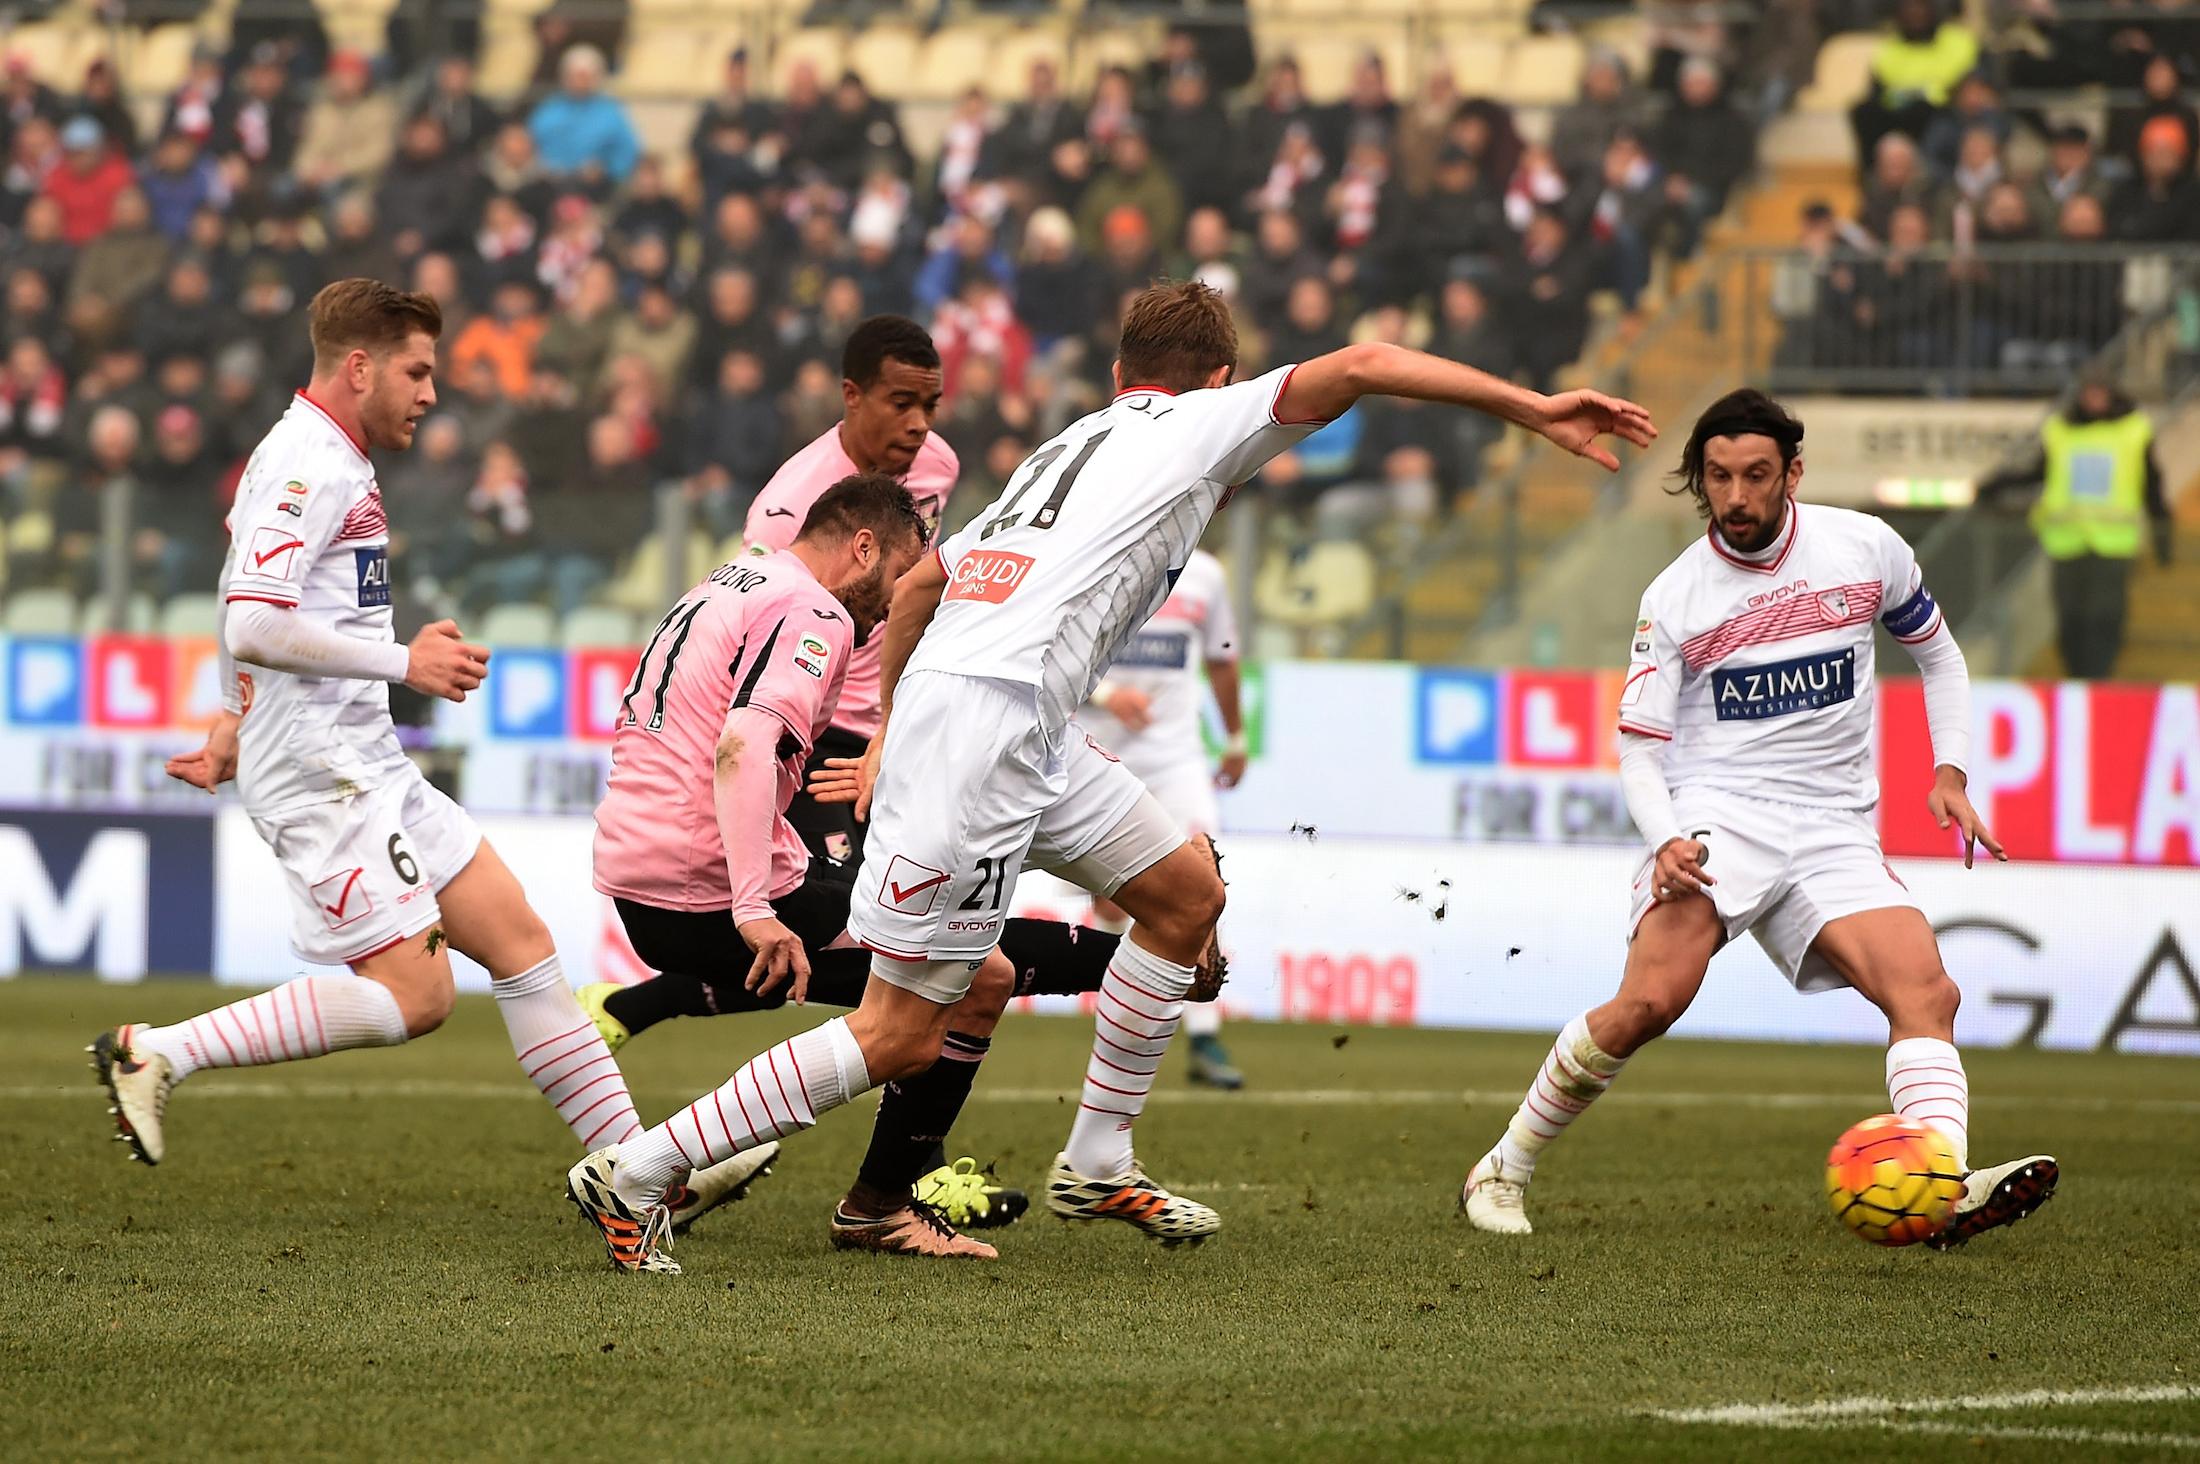 Palermo e Carpi si giocheranno nei prossimi 20 giorni la permanenza in Serie A